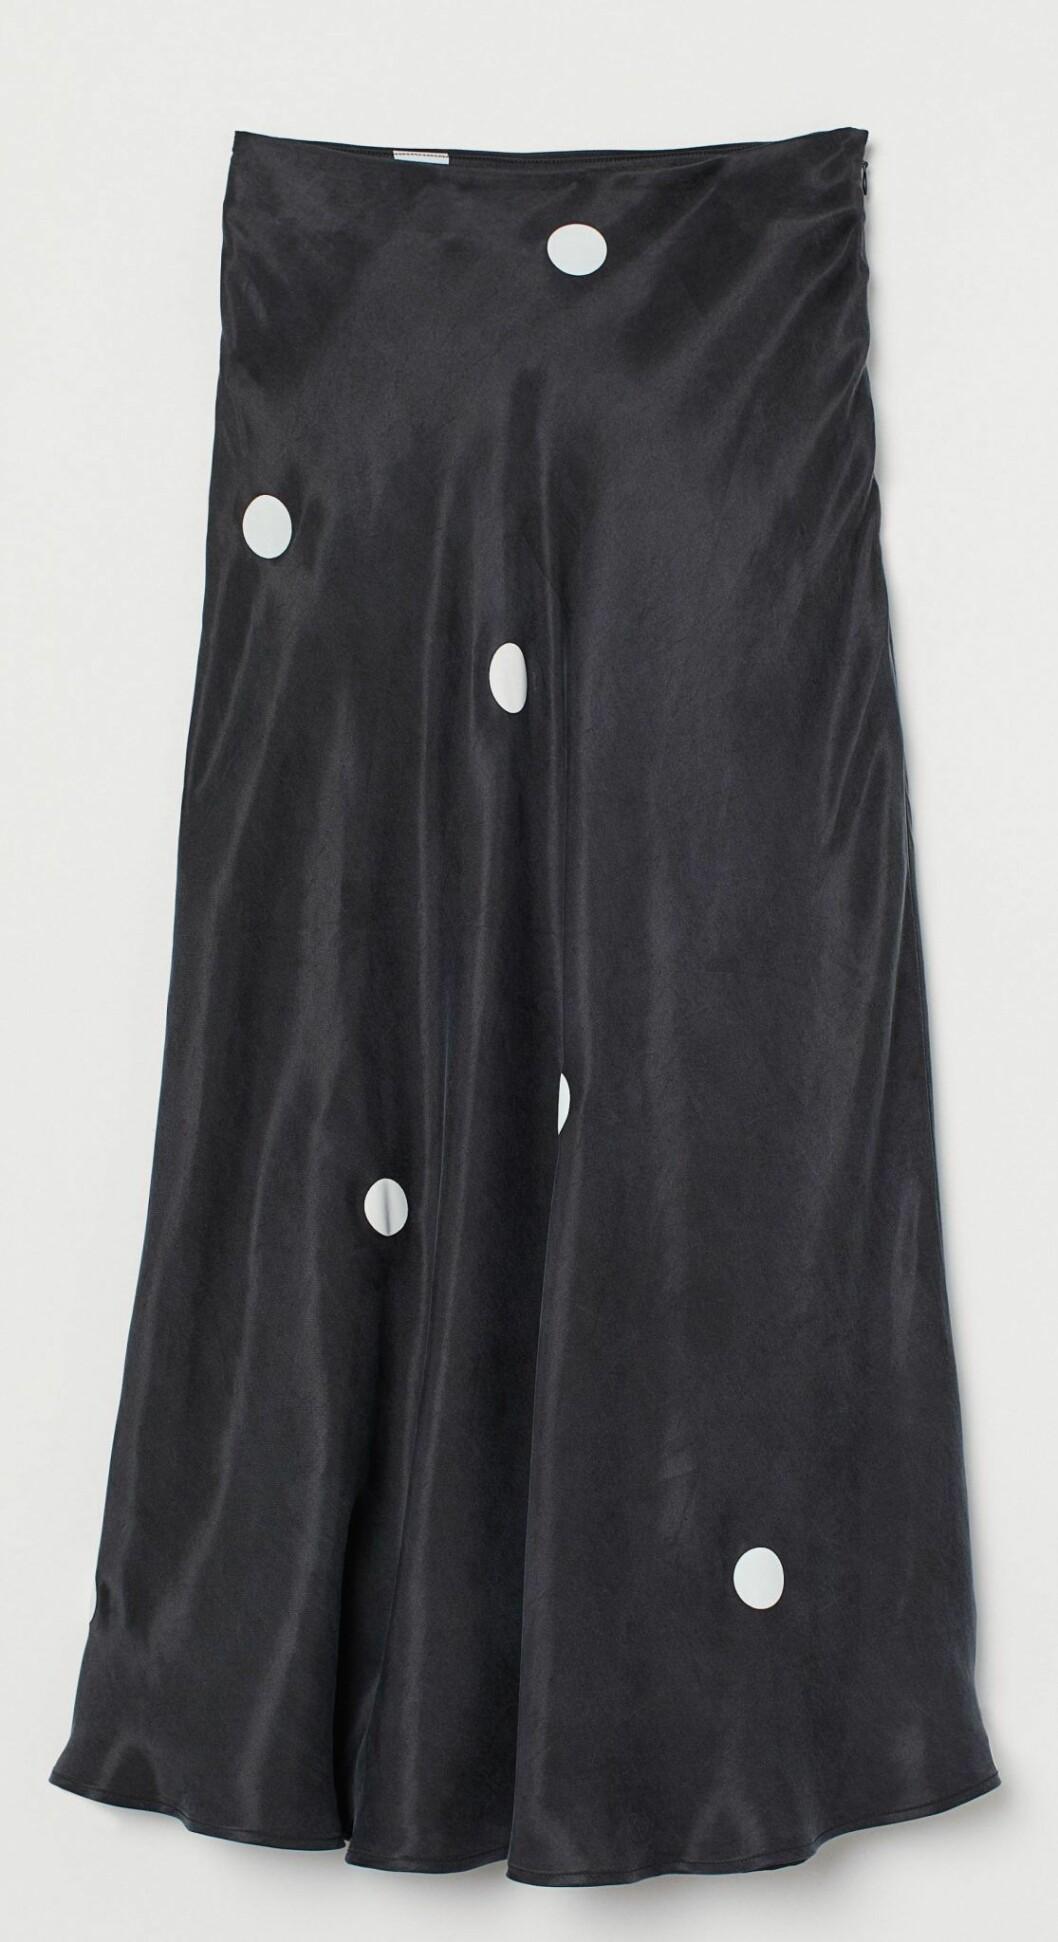 svart midikjol från hm med vita prickar.